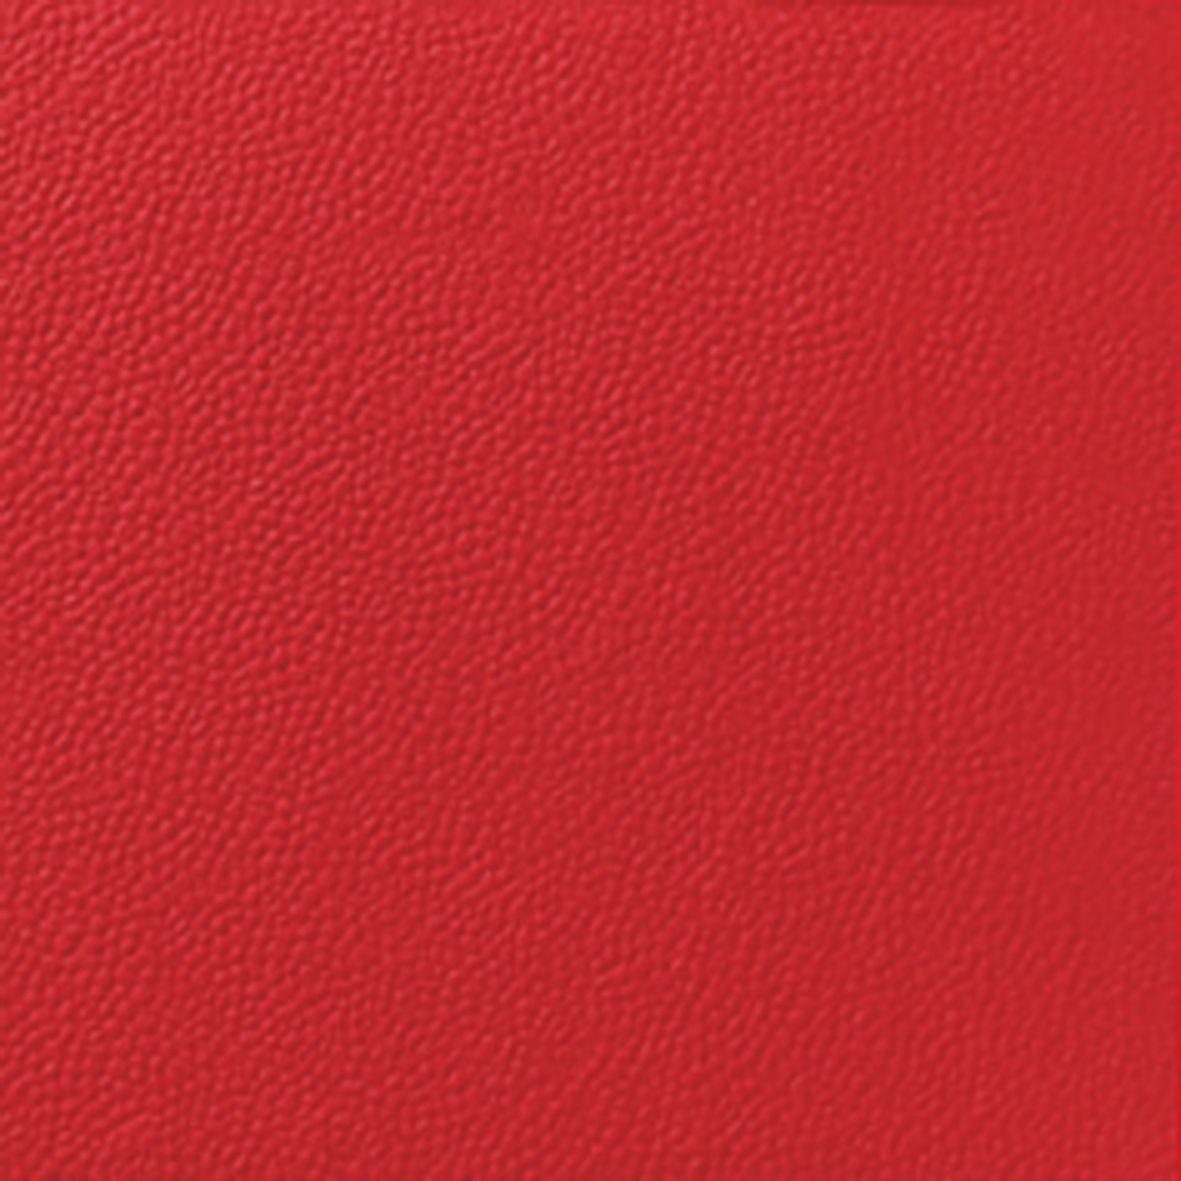 Салфетки бумажные Duni, 1-слойные, цвет: красный, 33 х 33 см, 80 шт салфетки бумажные круглые 3 слойные 12 шт ассорти